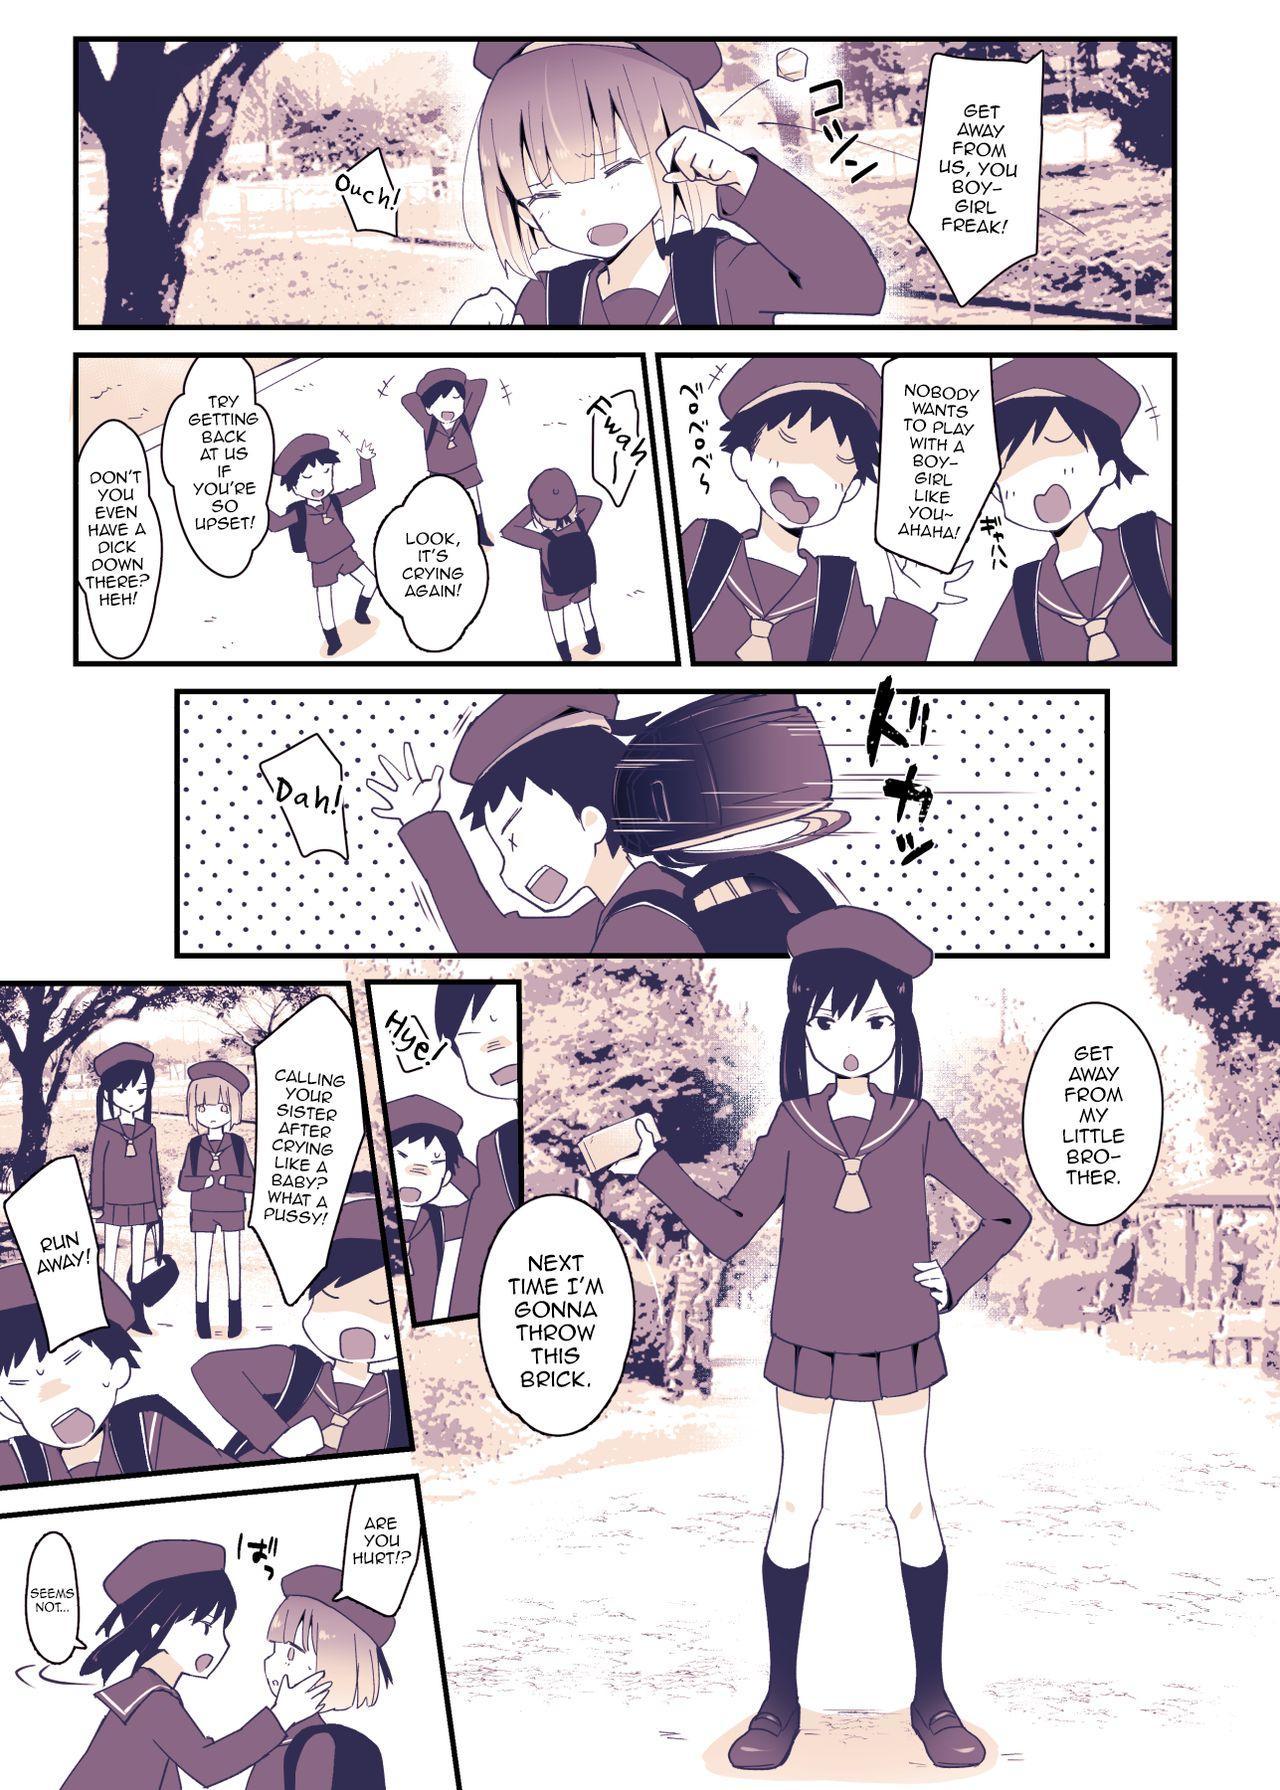 Boku wa Onee-chan no Imouto. 1